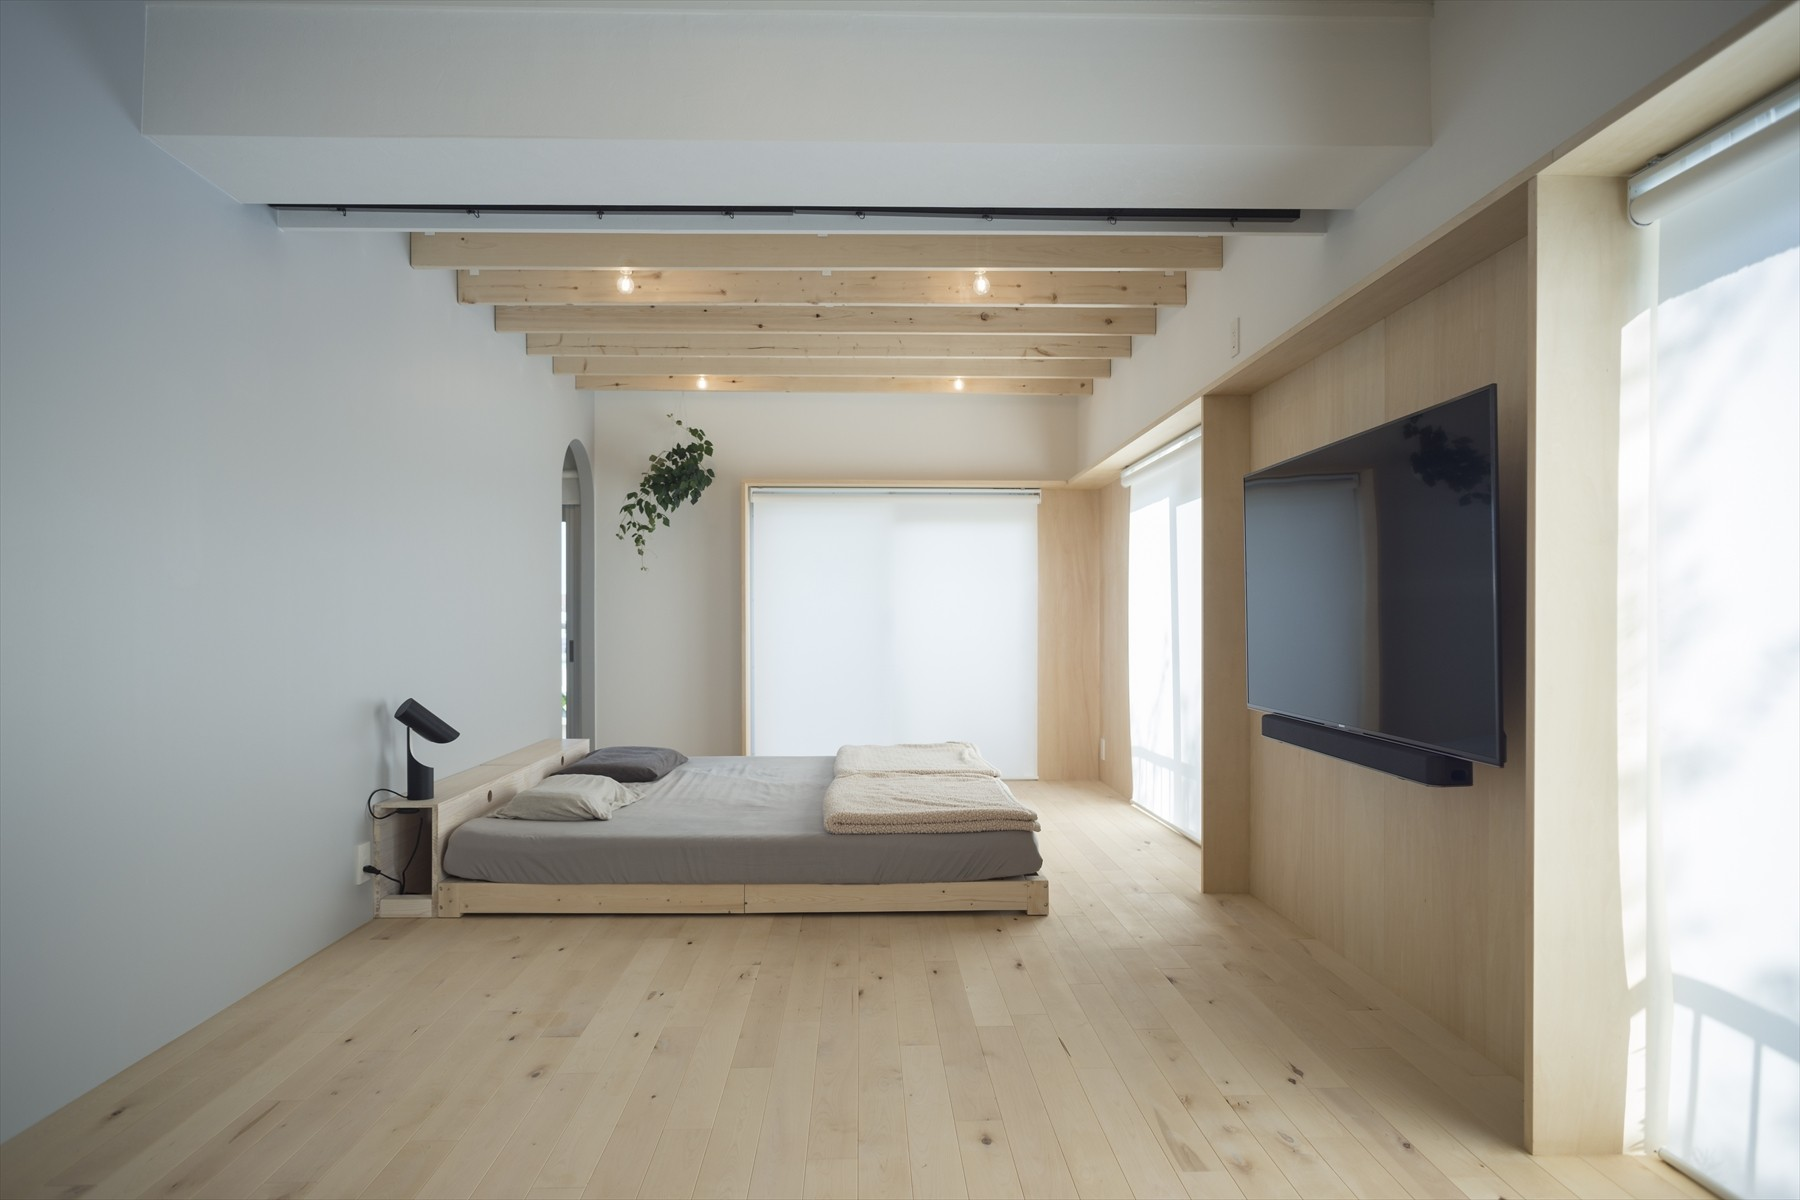 ベッドルーム事例:ベッドルーム(宮崎台のリノベーション)